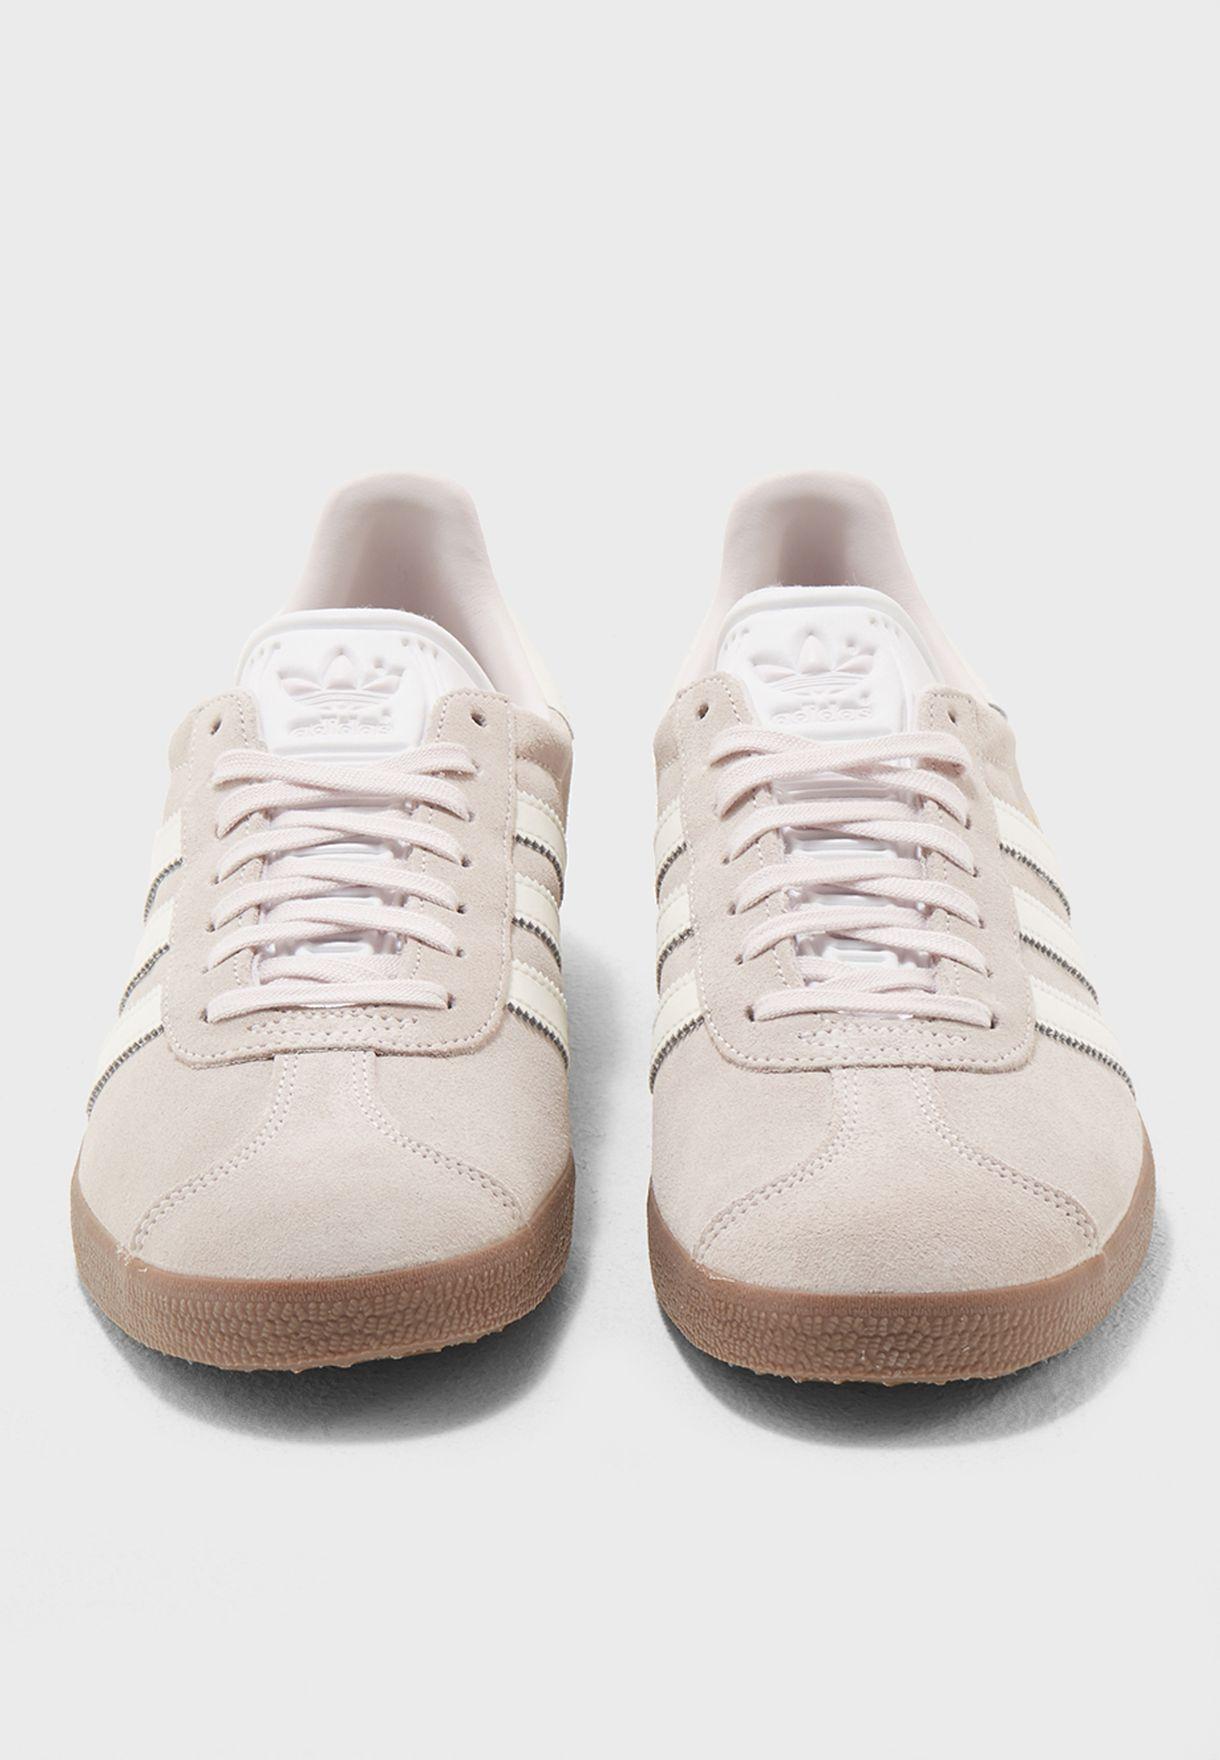 info for 2ad91 847eb adidas Originals. Gazelle